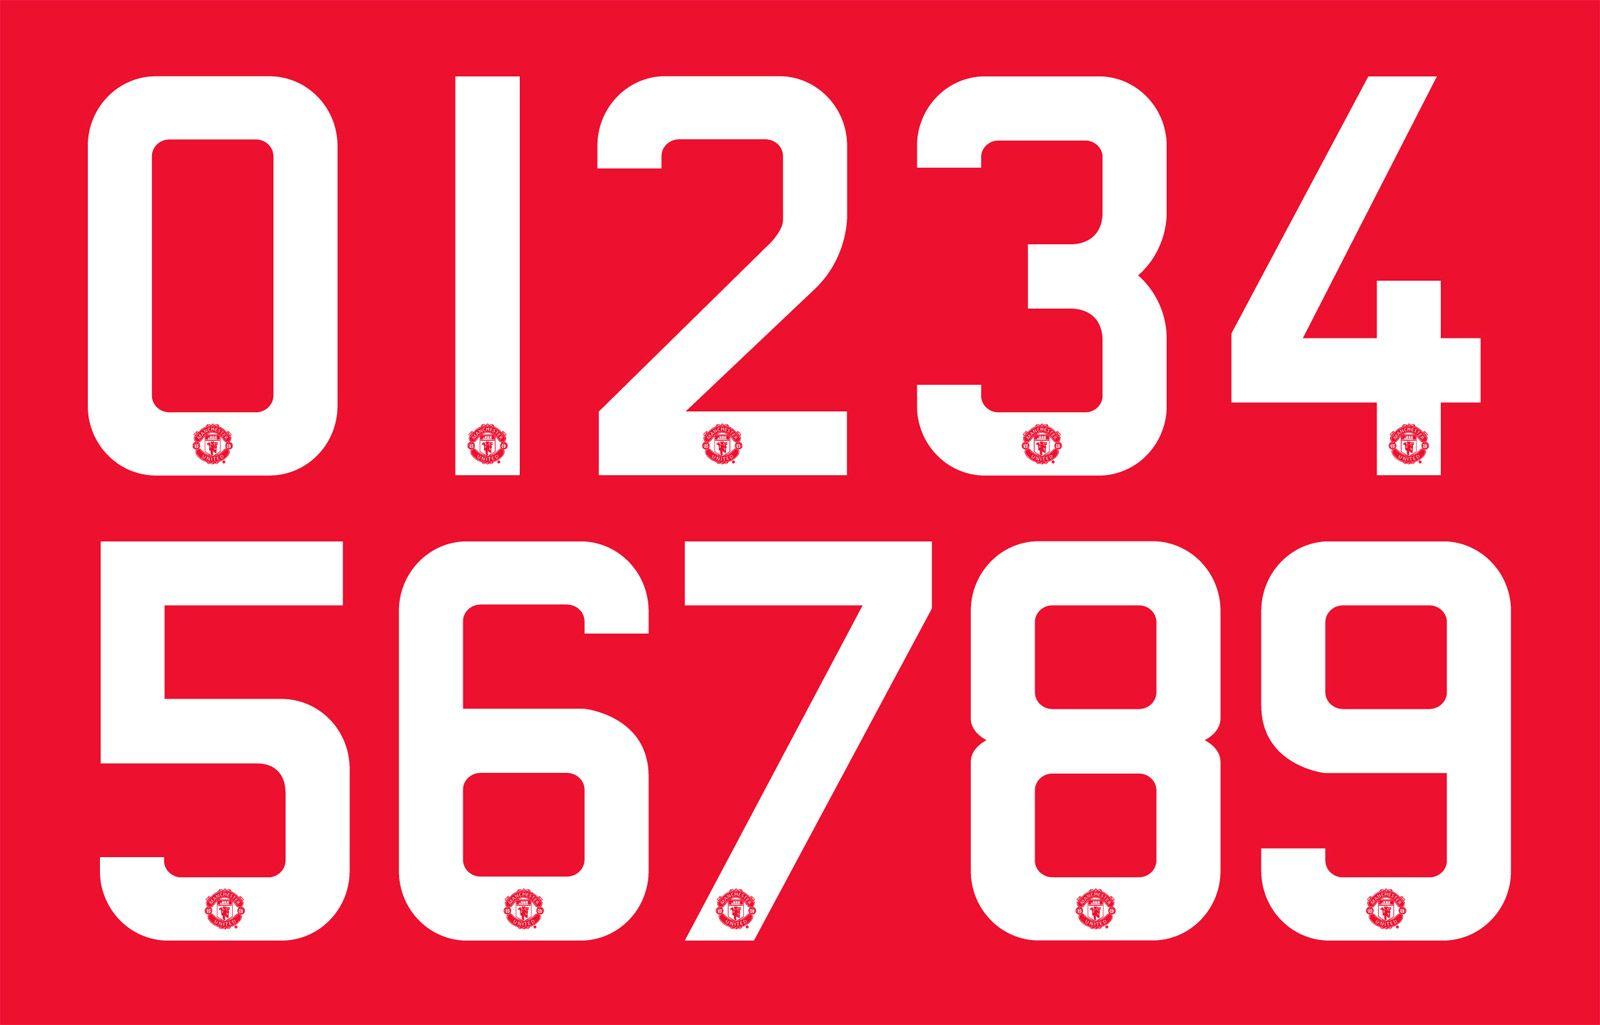 I Pinimg Com Originals 16 Cf 22 16cf22ba63edbe2